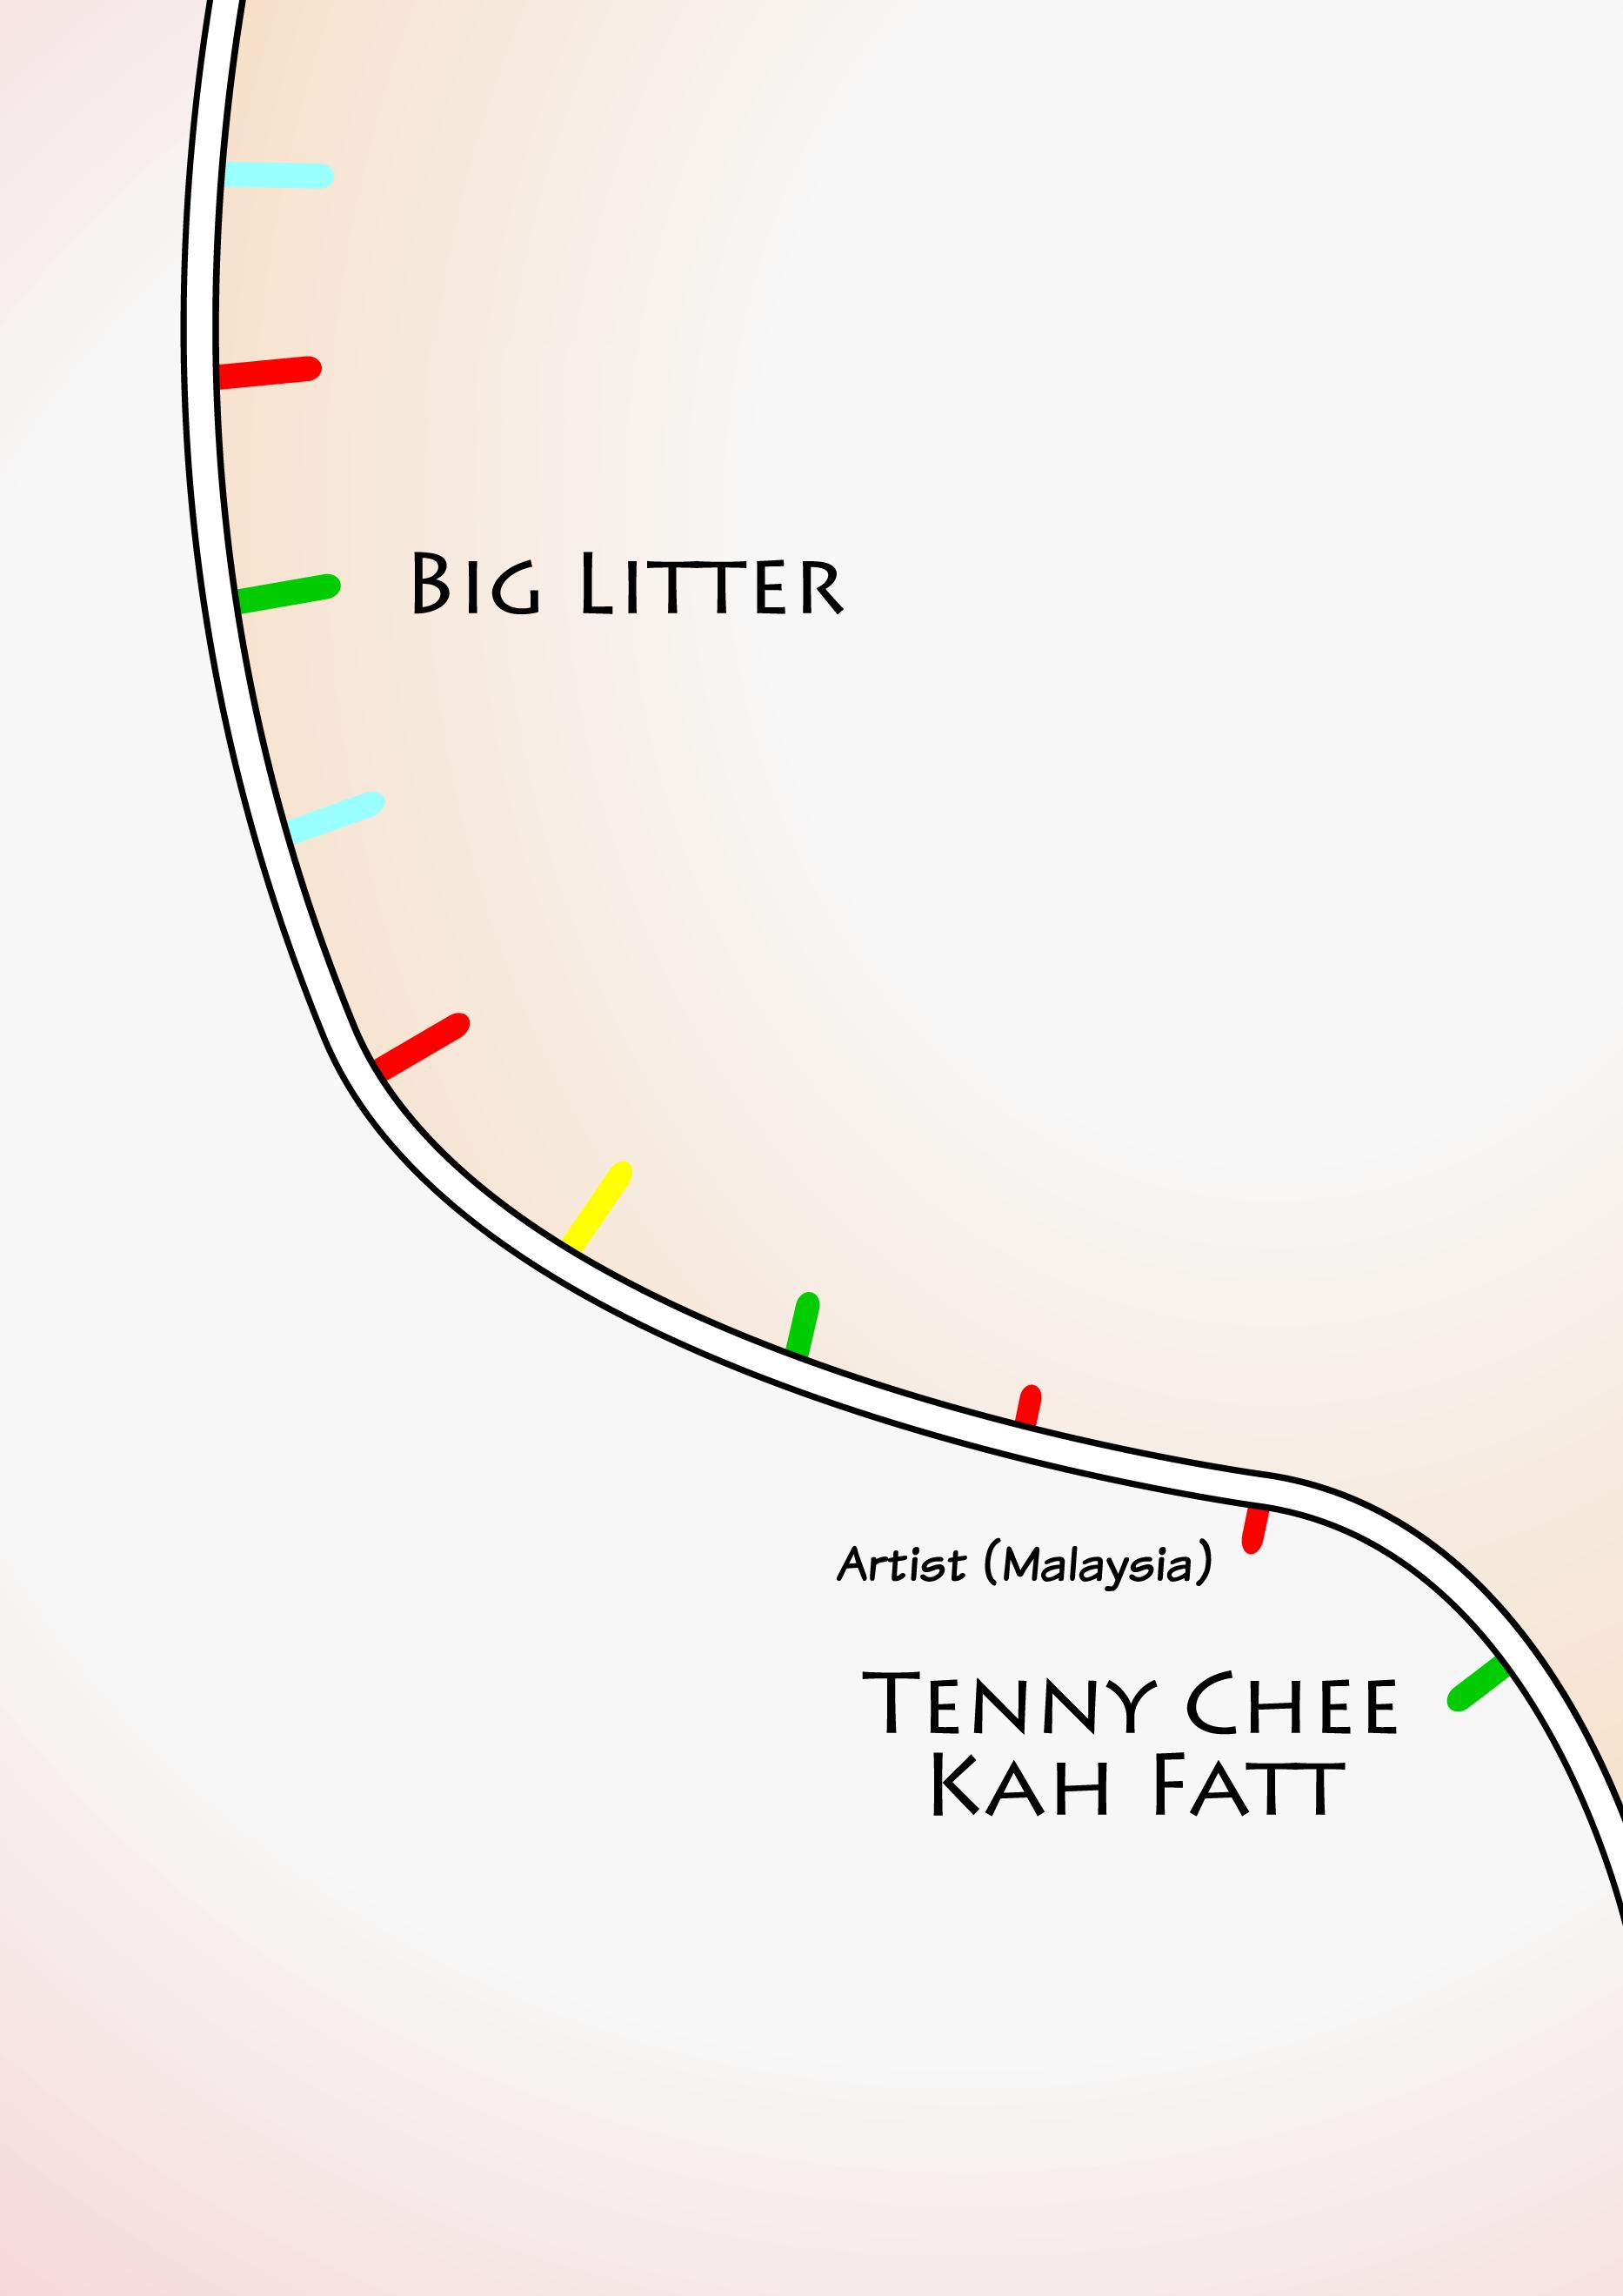 Tenny Chee (Malaysia)